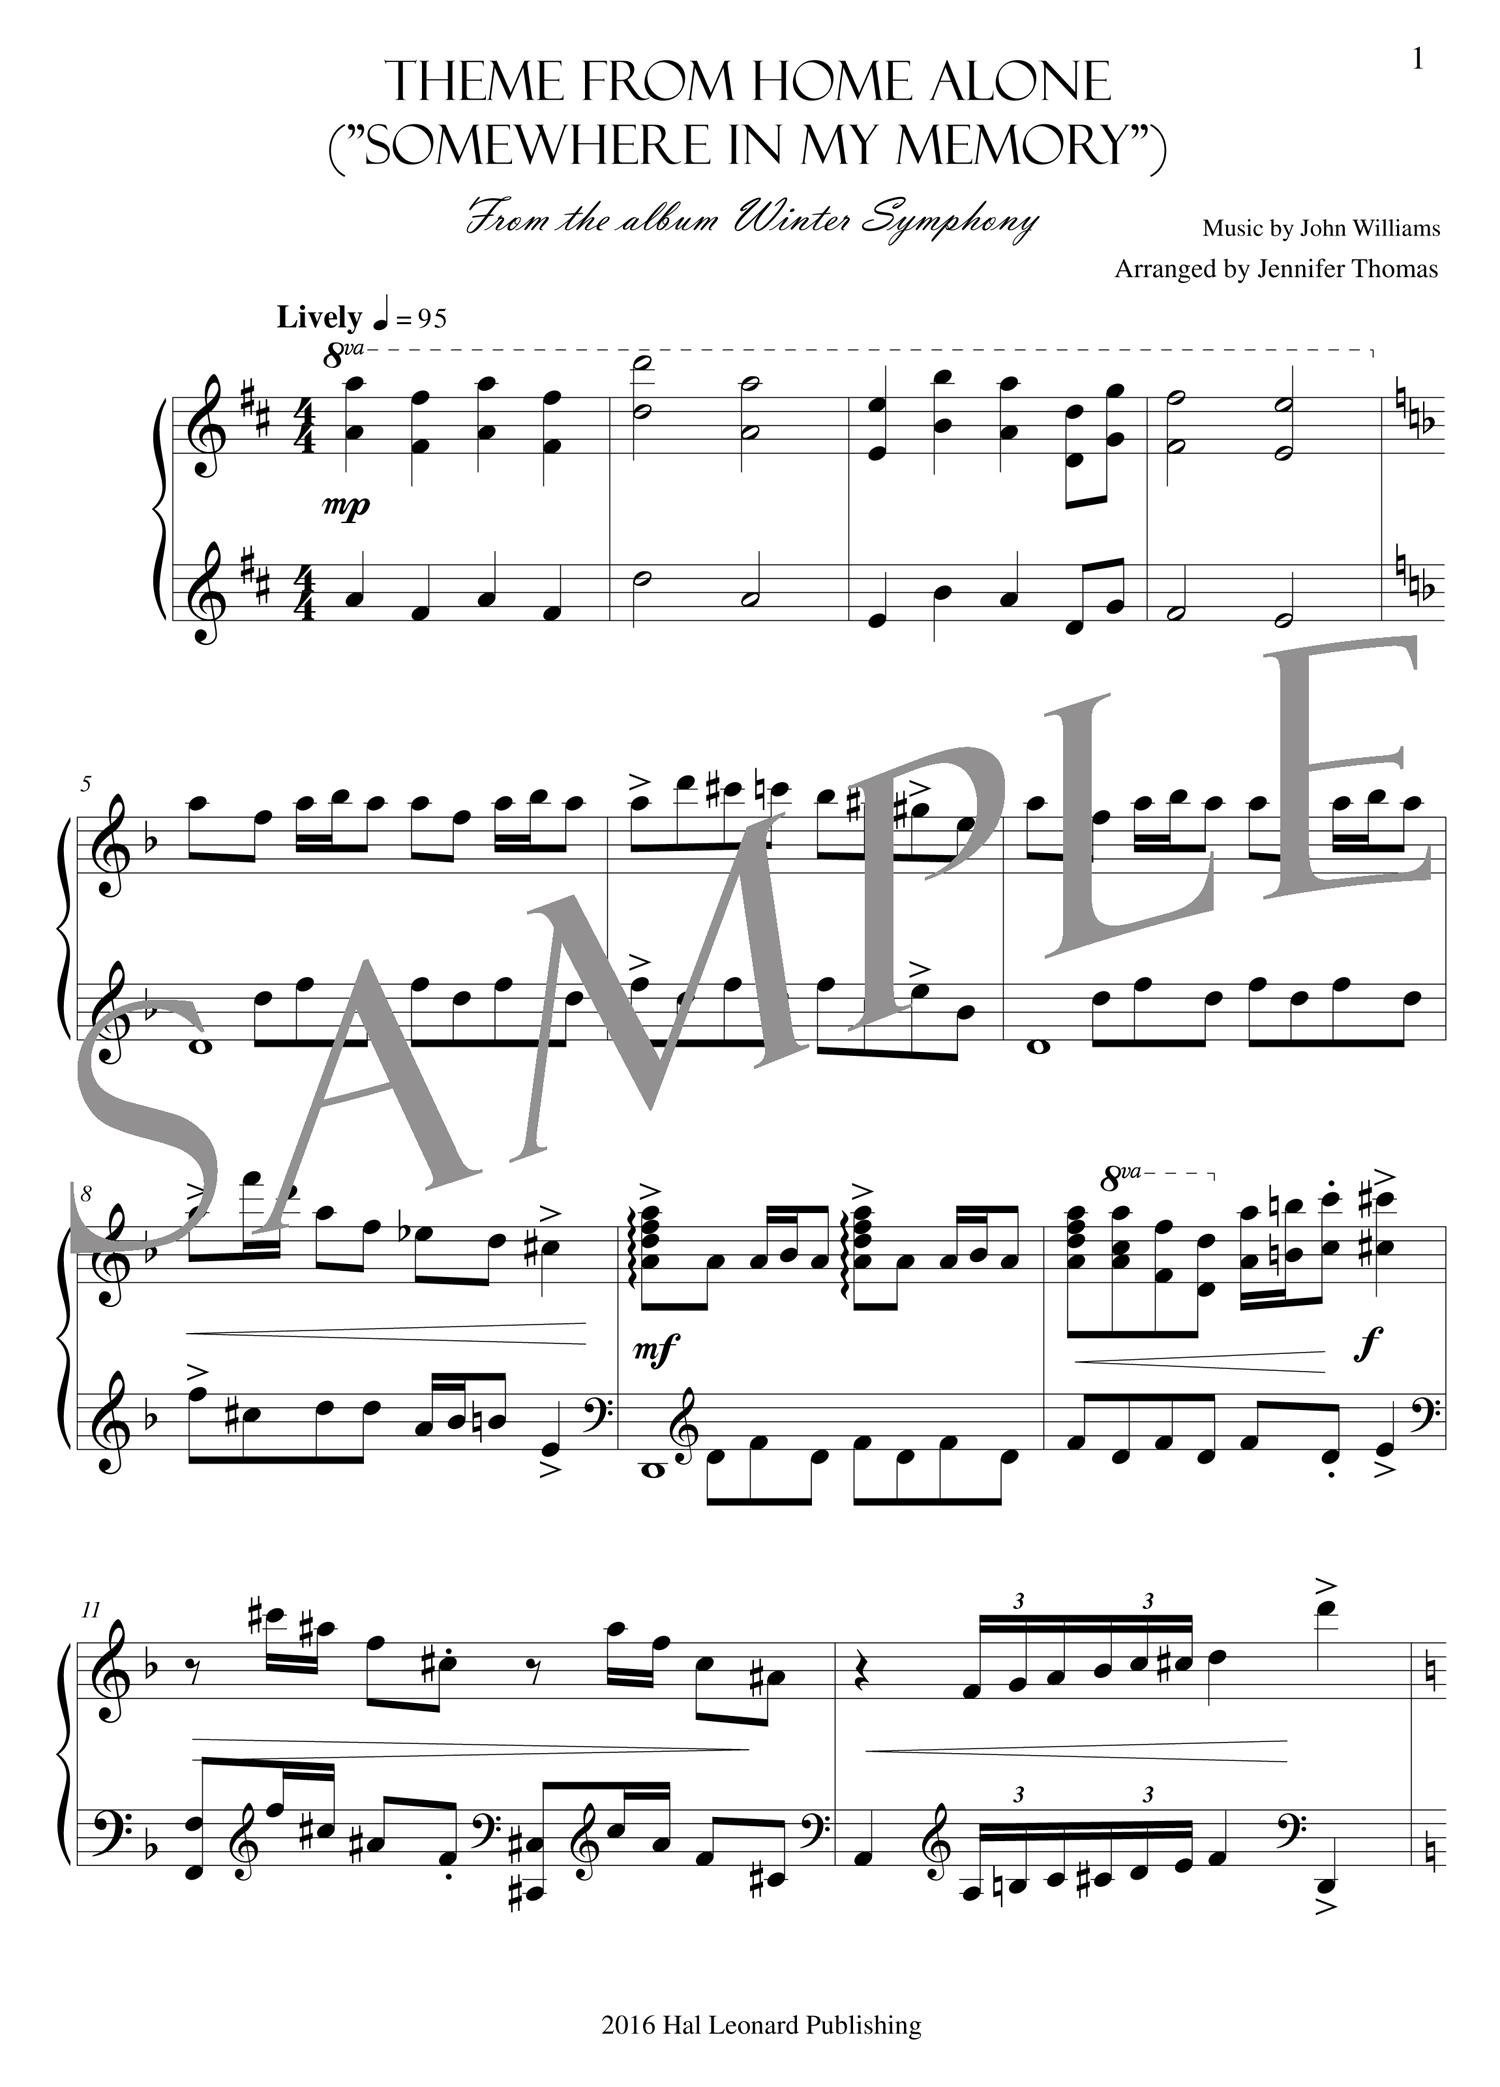 Theme from Home Alone – (PDF Sheet Music) — Jennifer Thomas Music